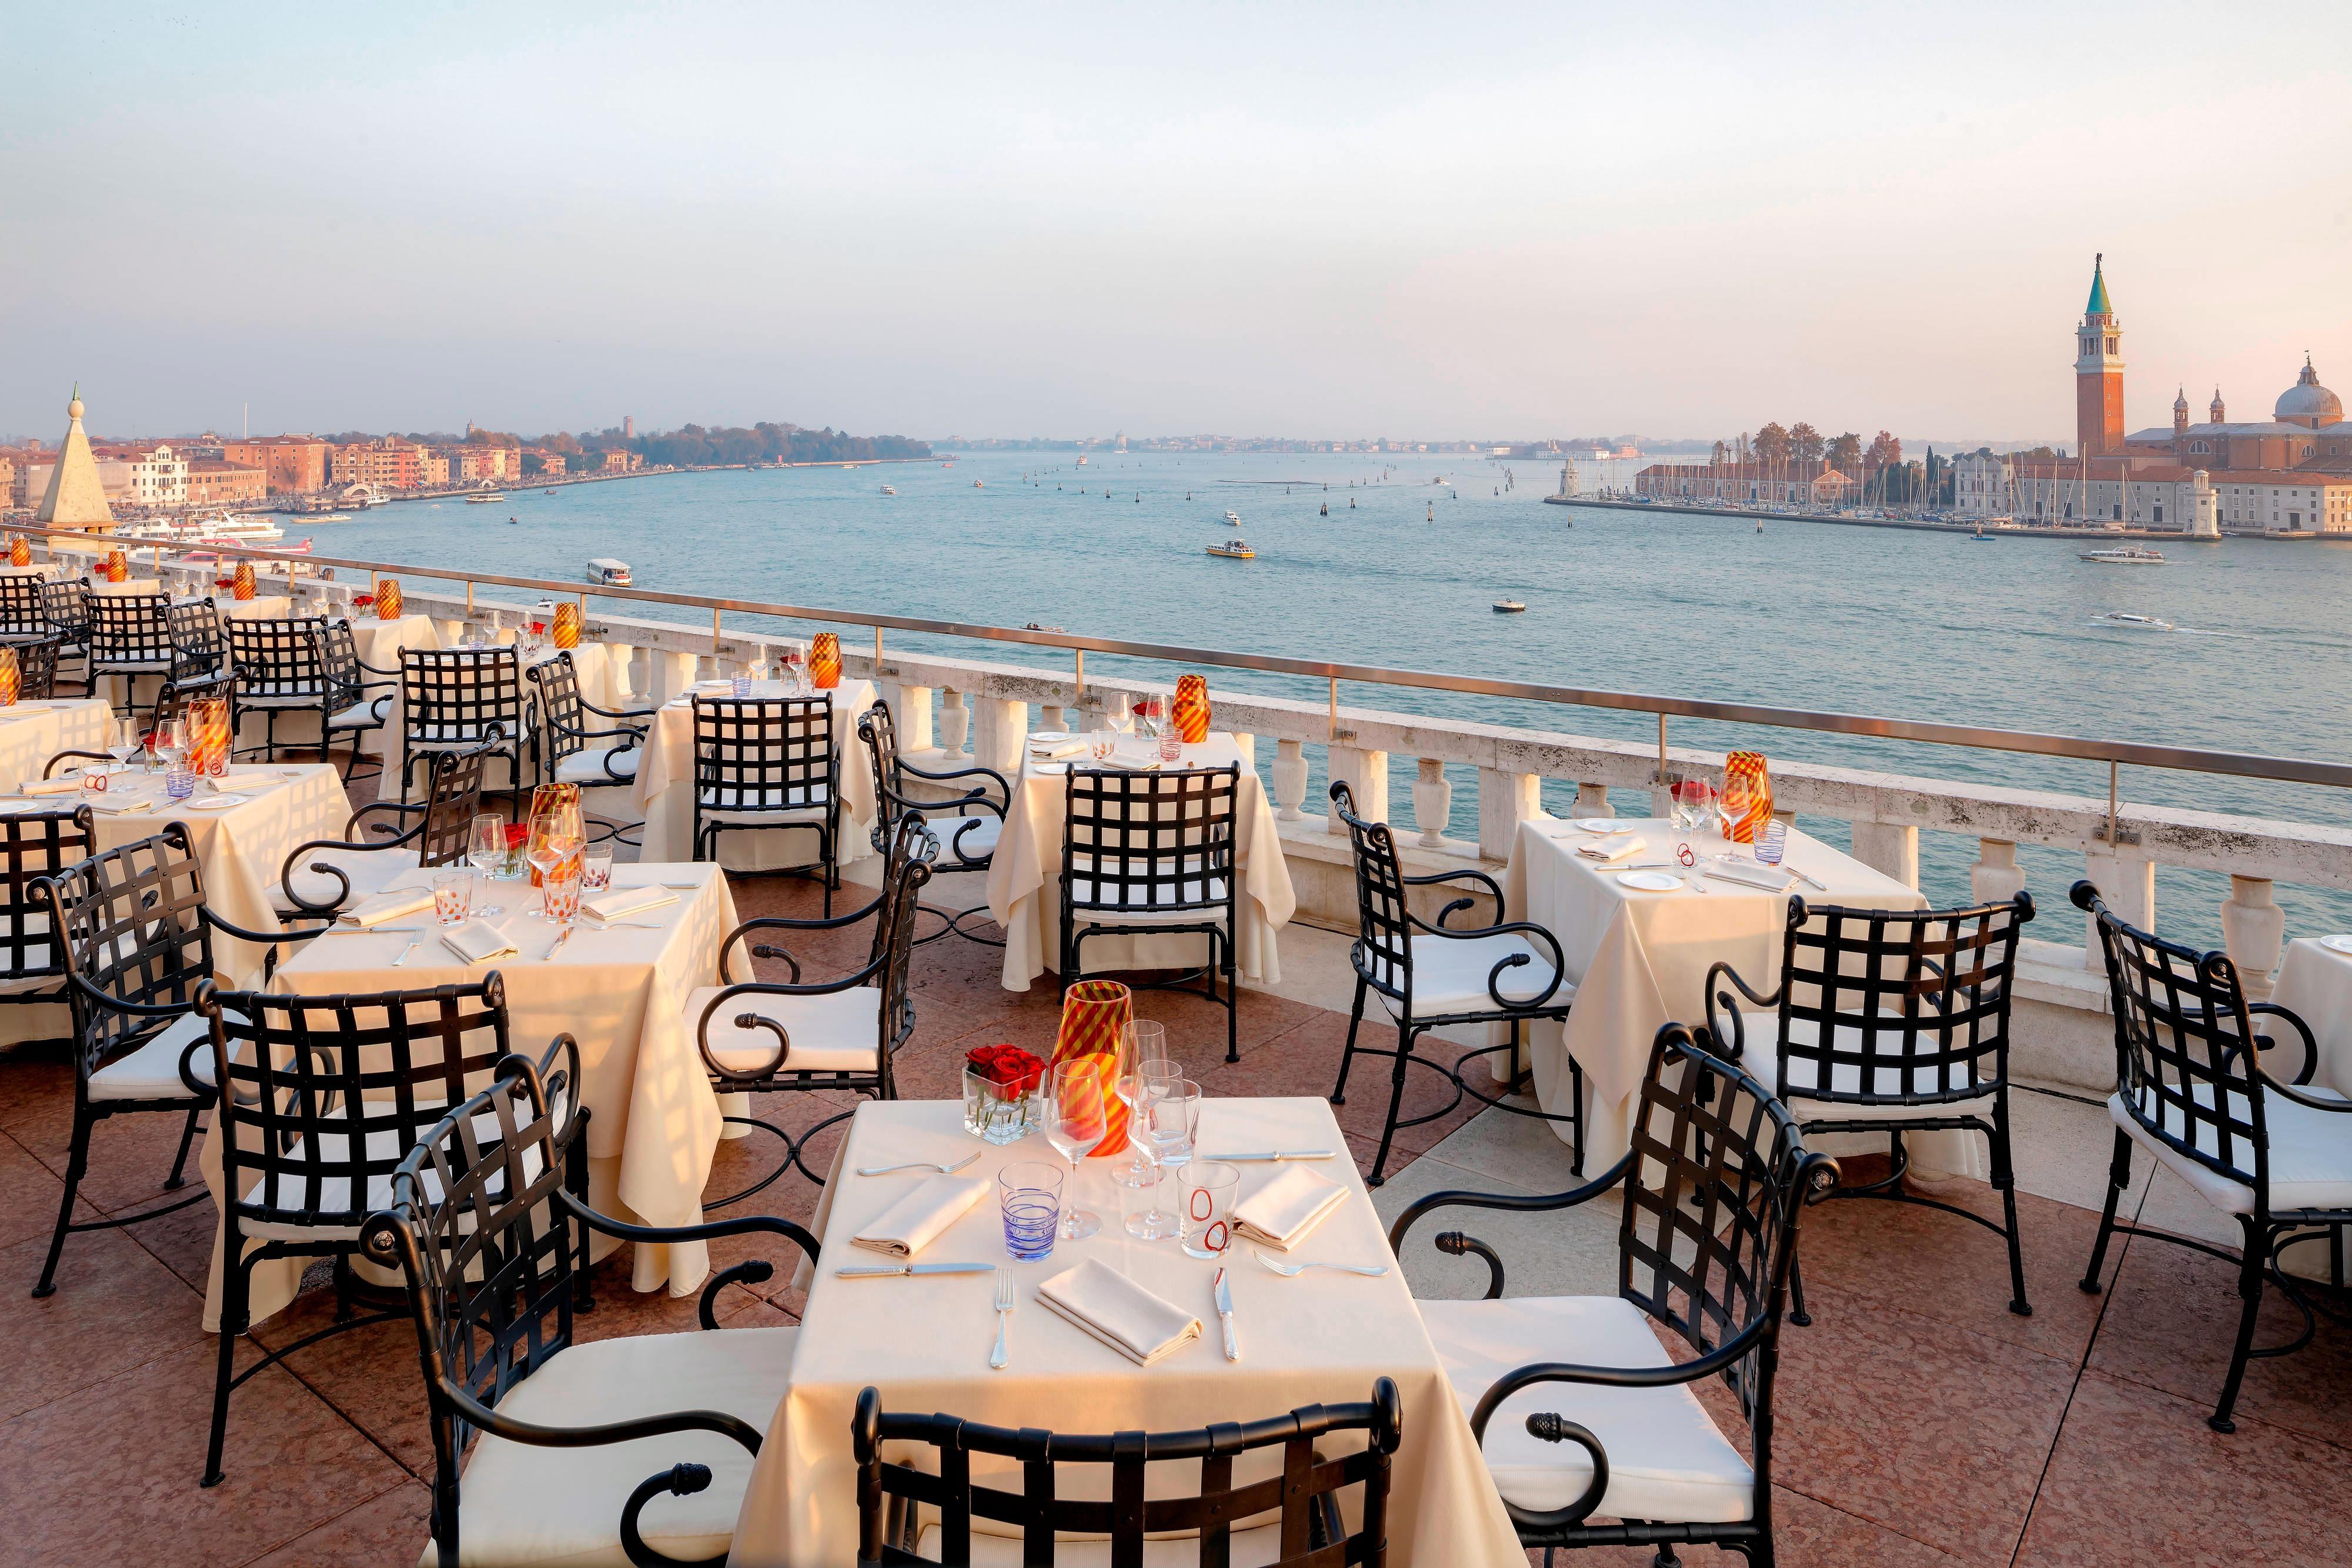 Restaurant Terrazza Danieli